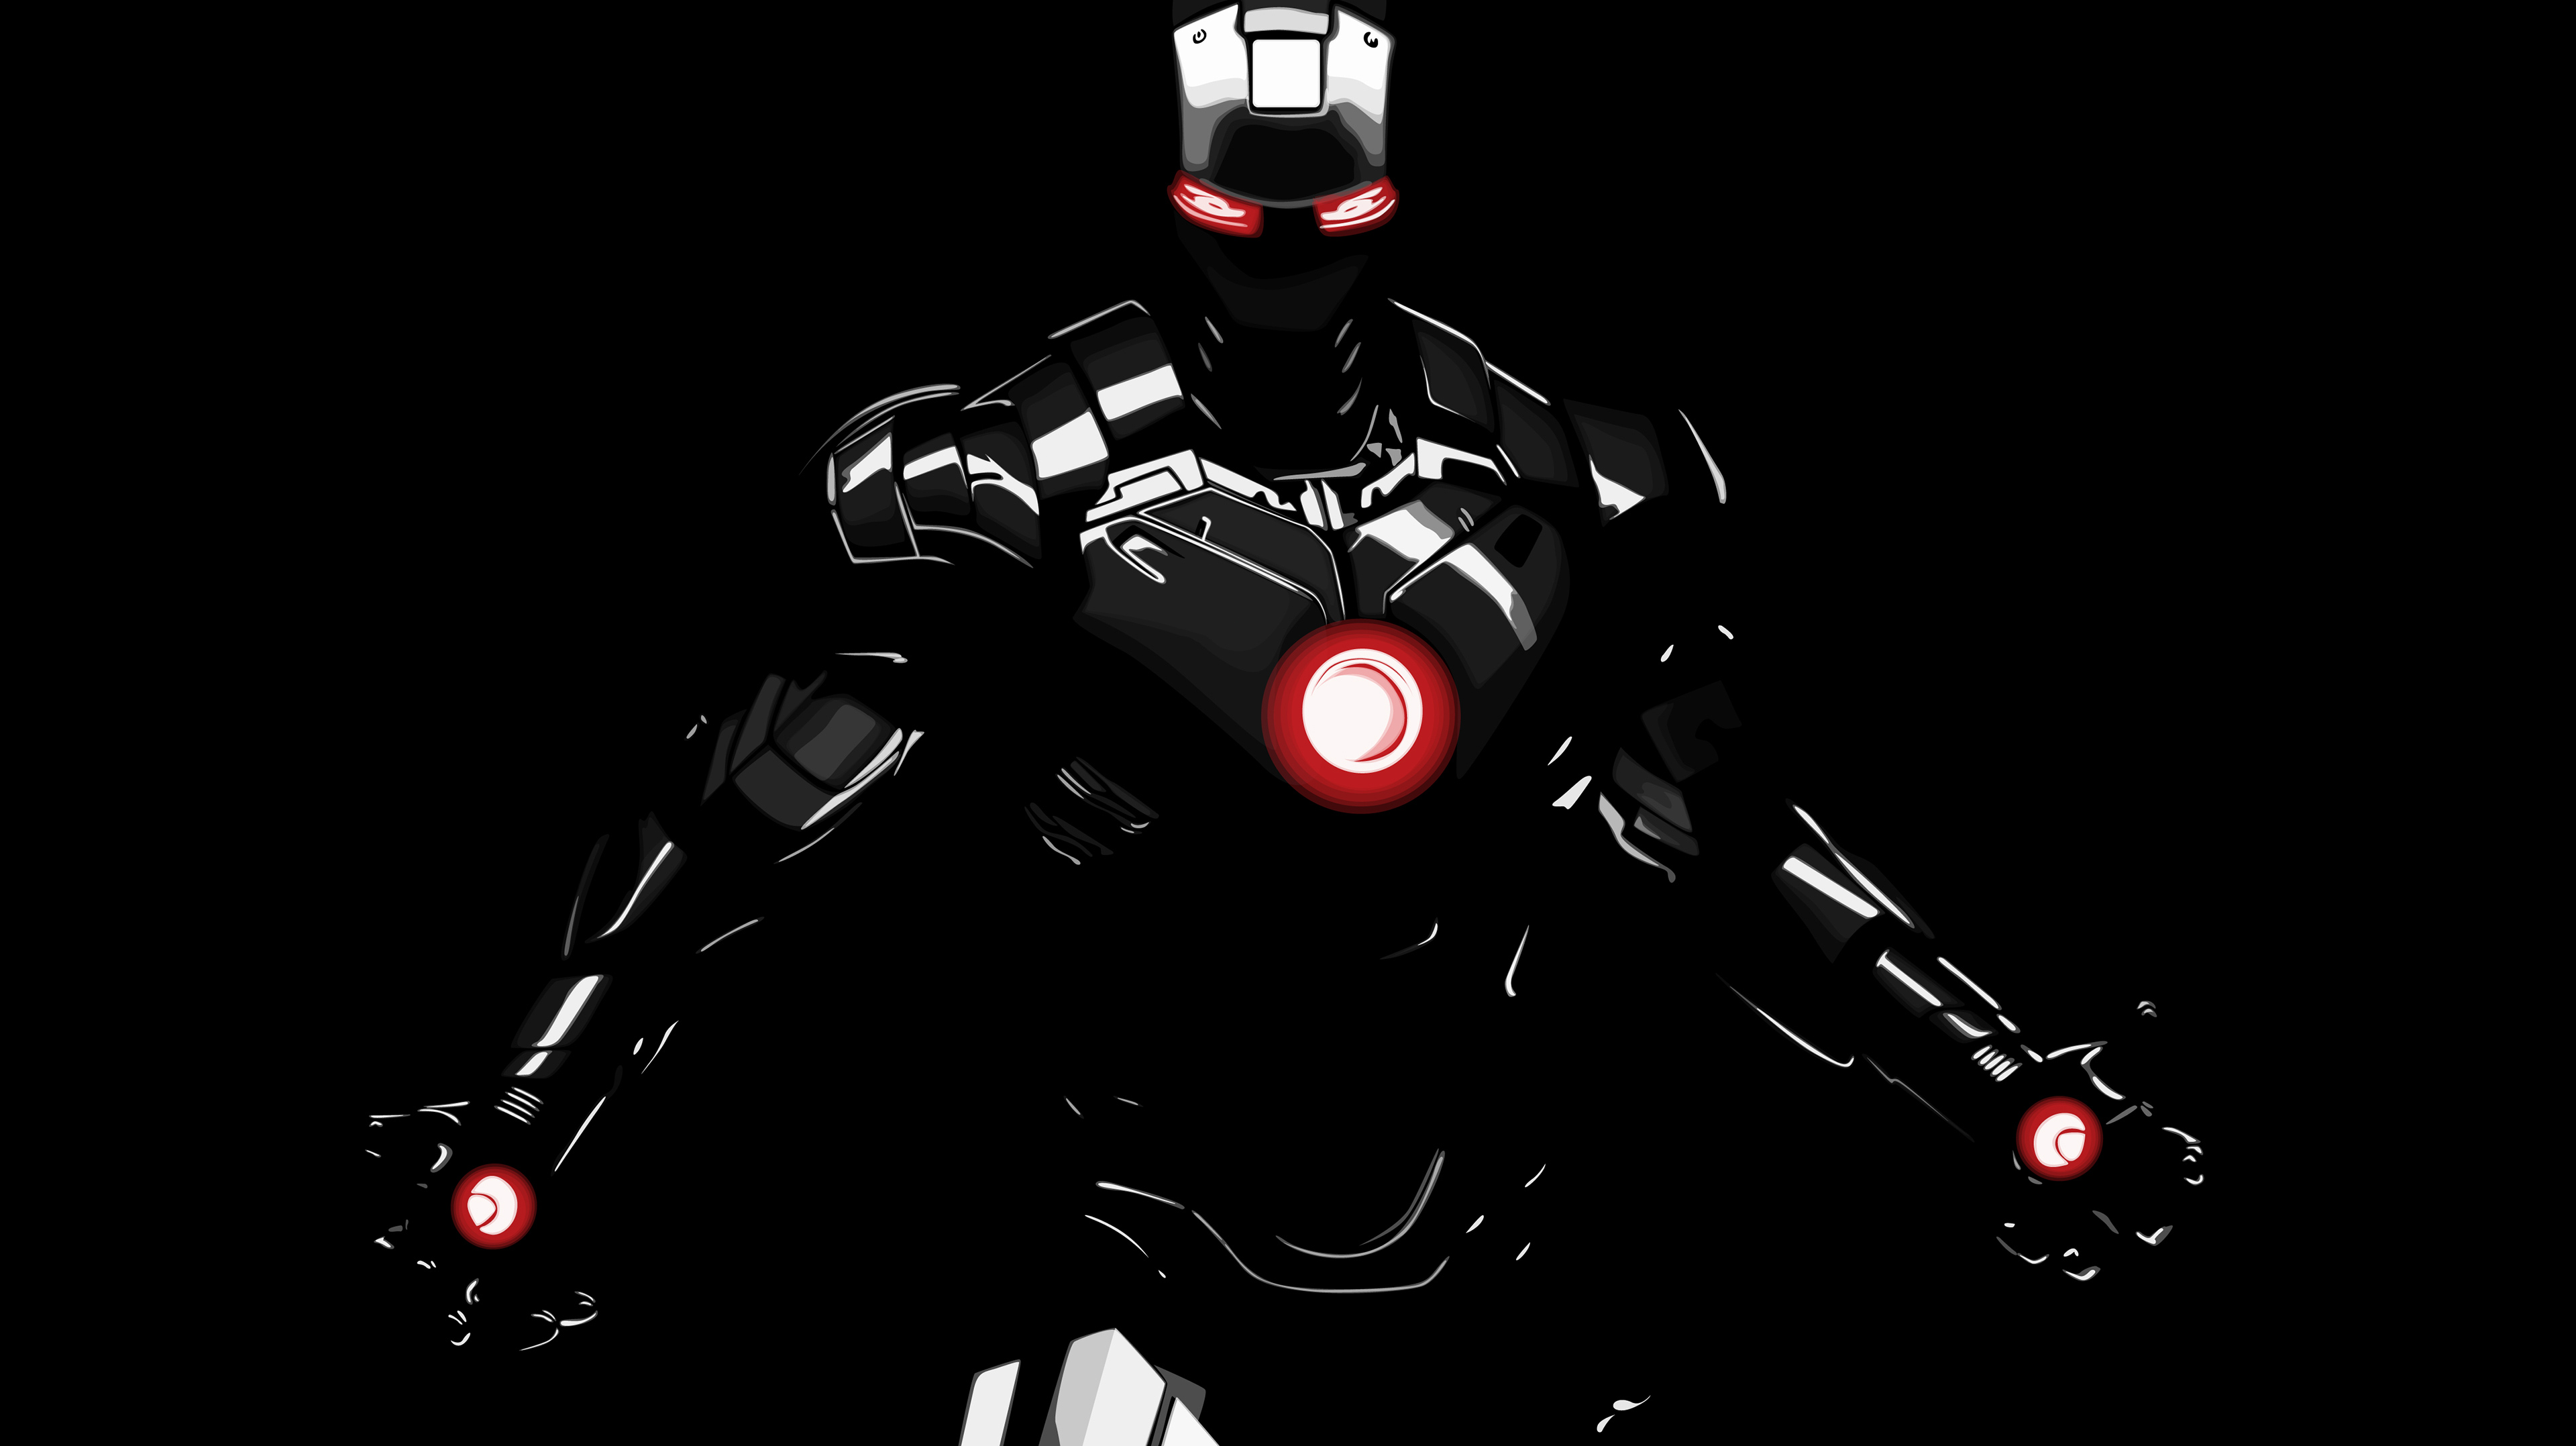 2932x2932 Anthem 4k Ipad Pro Retina Display Hd 4k: 2932x2932 Dark Iron Man Ipad Pro Retina Display HD 4k